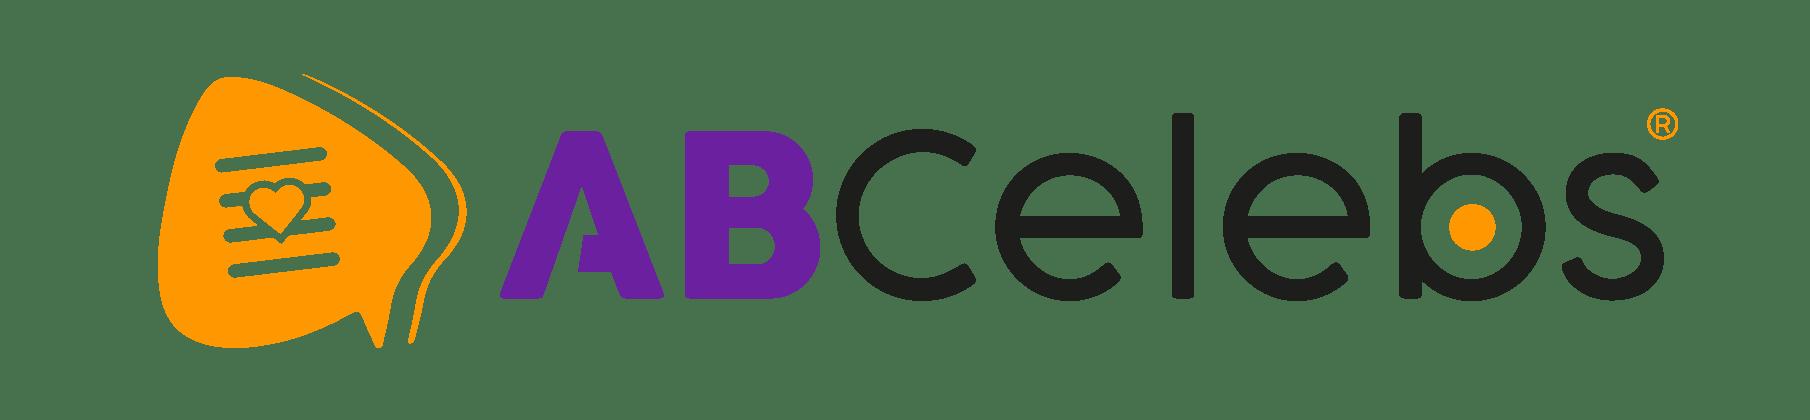 ABCelebs